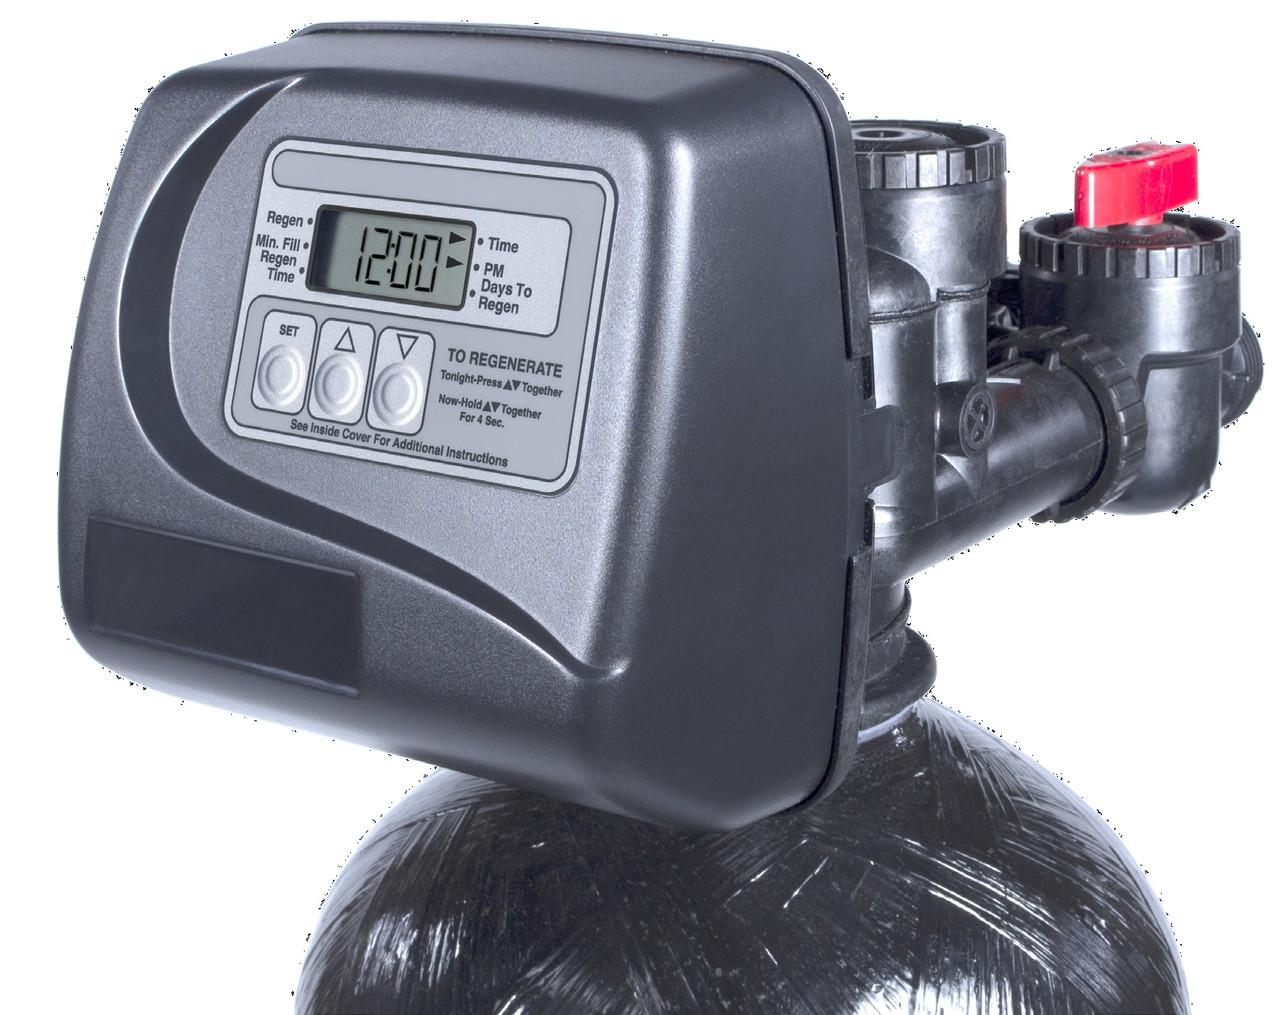 Фильтр обезжелезивания воды ФИП1054 с клапаном управления Clack (3 х кнопочный)